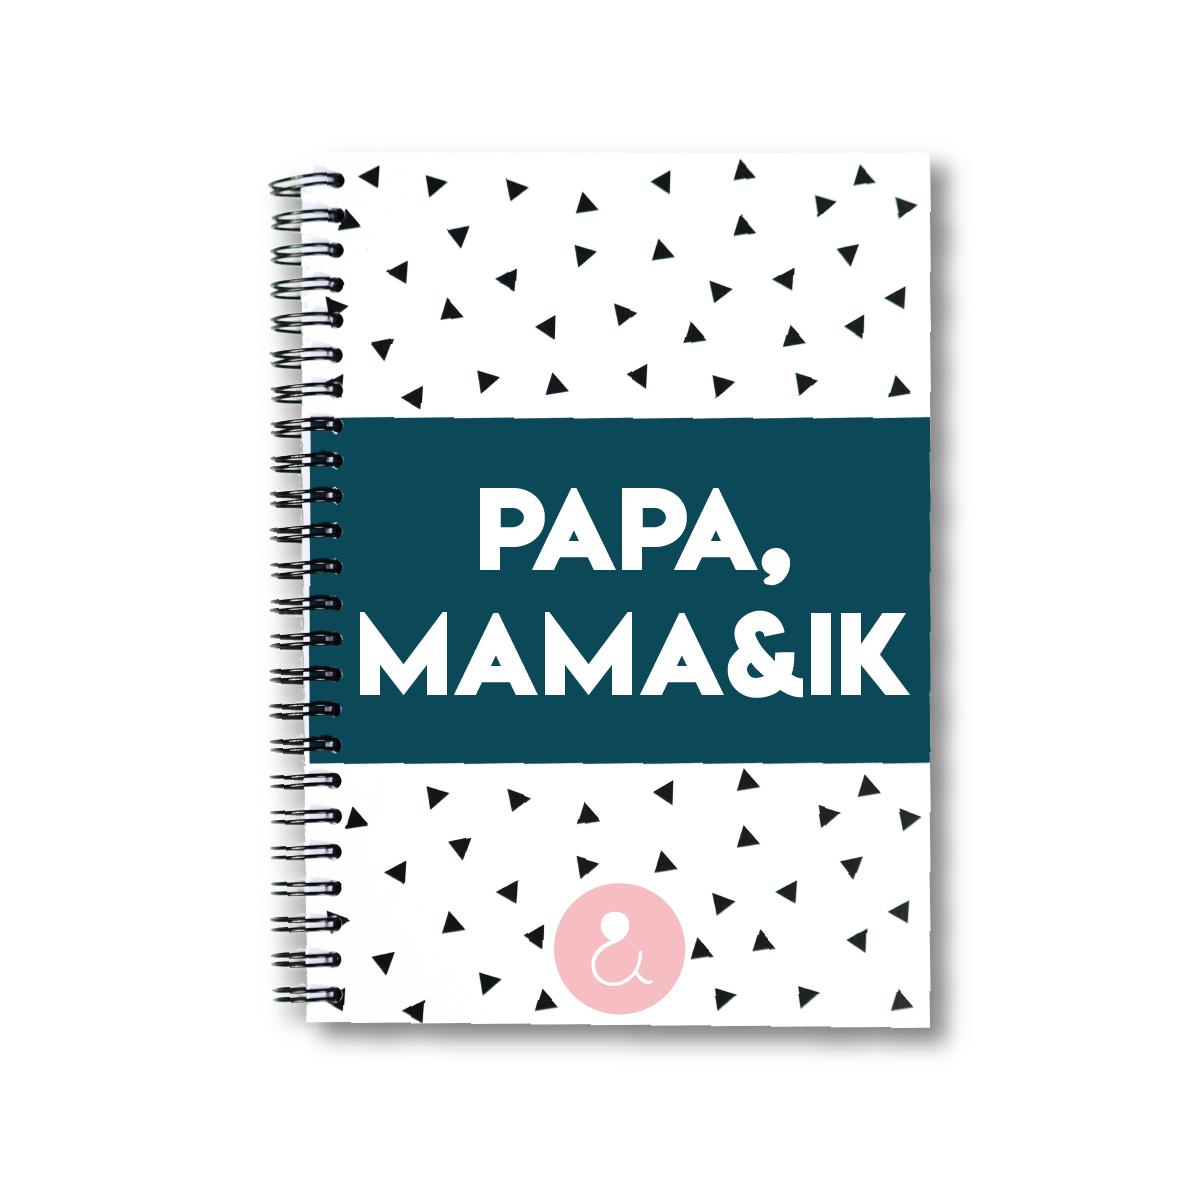 Papa, mama&ik   invulboek voor papa's en mama's (roze stip)